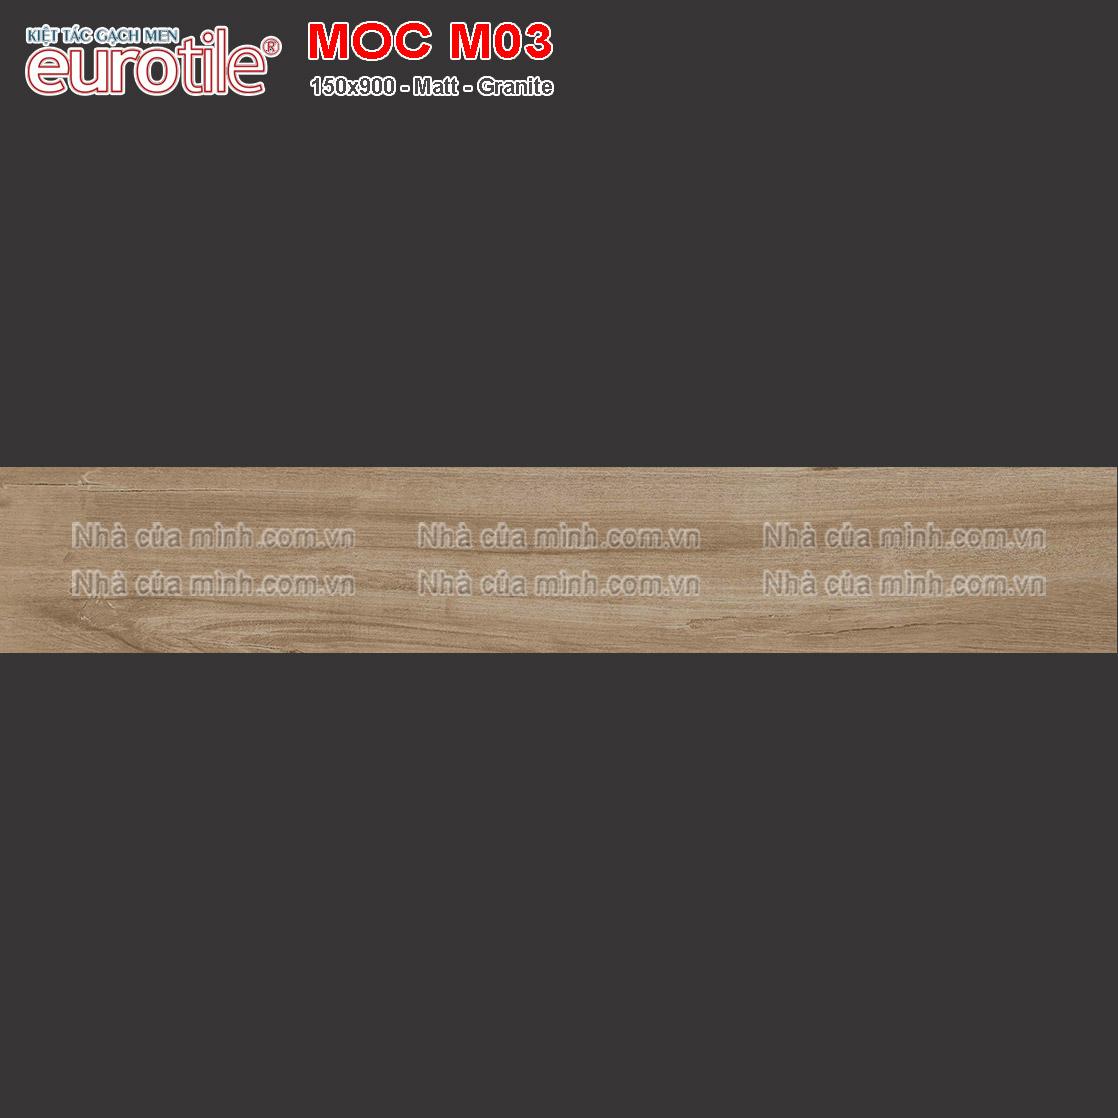 Gạch vân gỗ 150x900 Eurotile Mộc Châu MOC M03 giá tốt